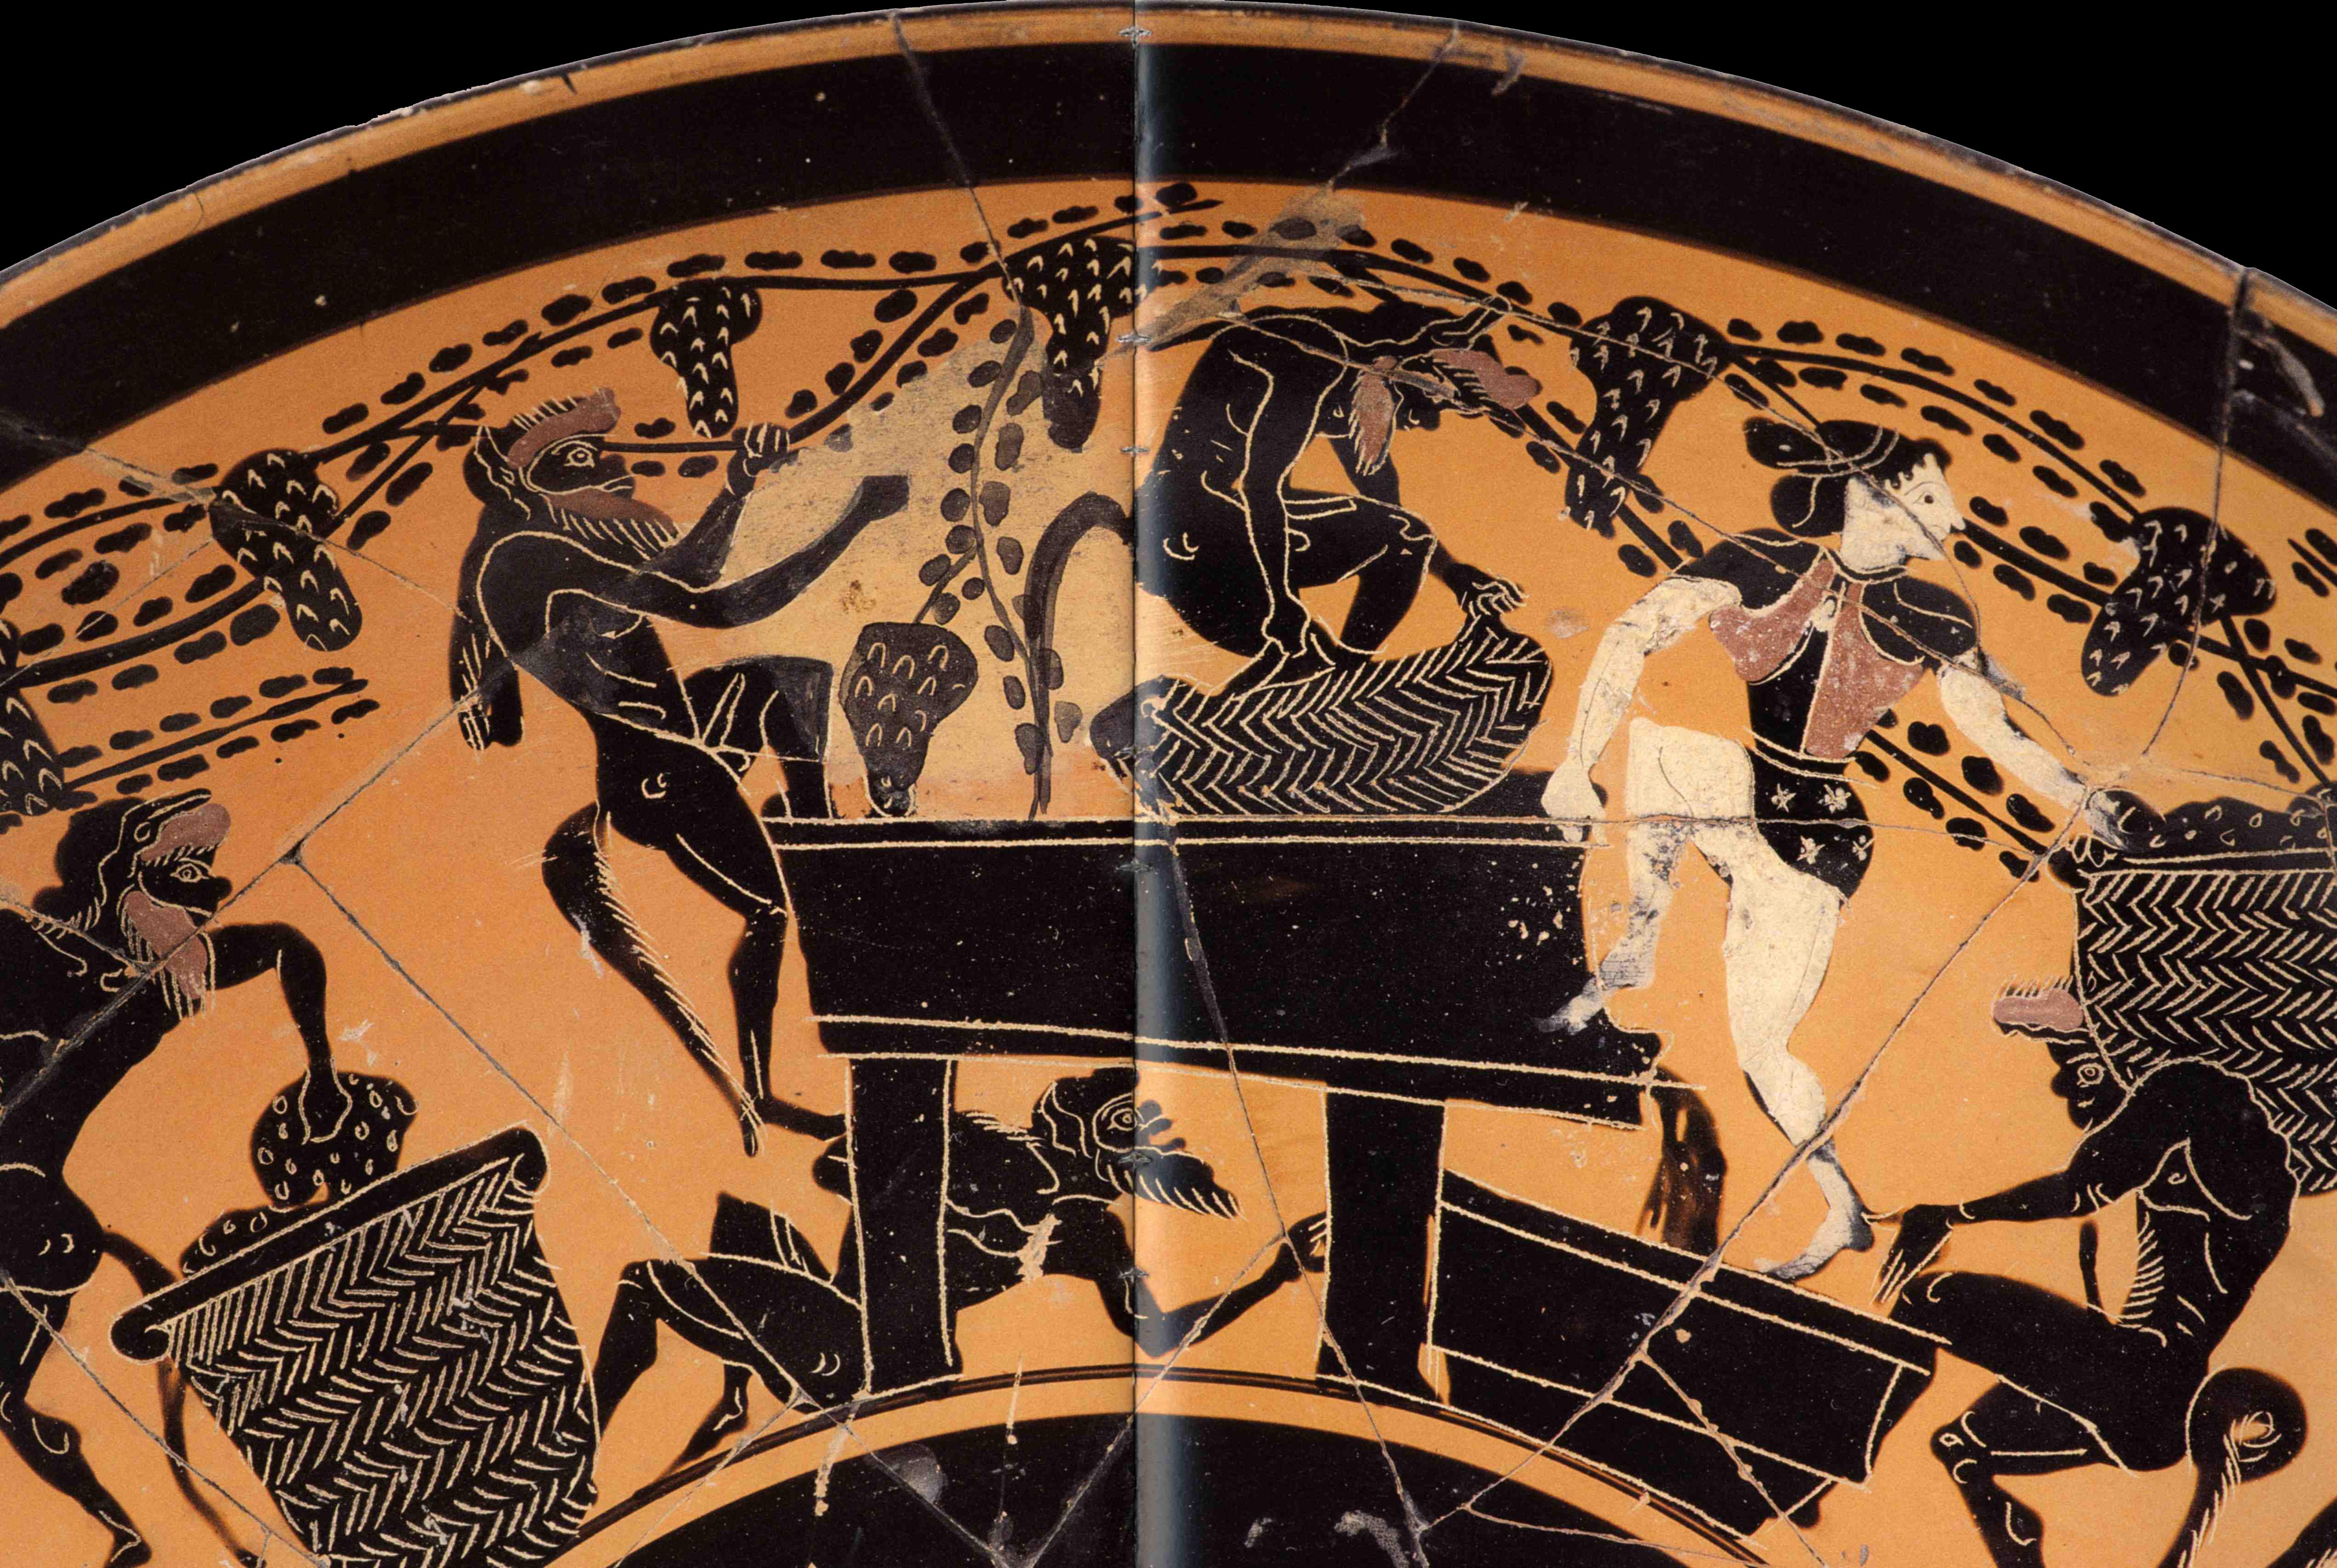 древнегреческие рисунки на стенах пример касающийся